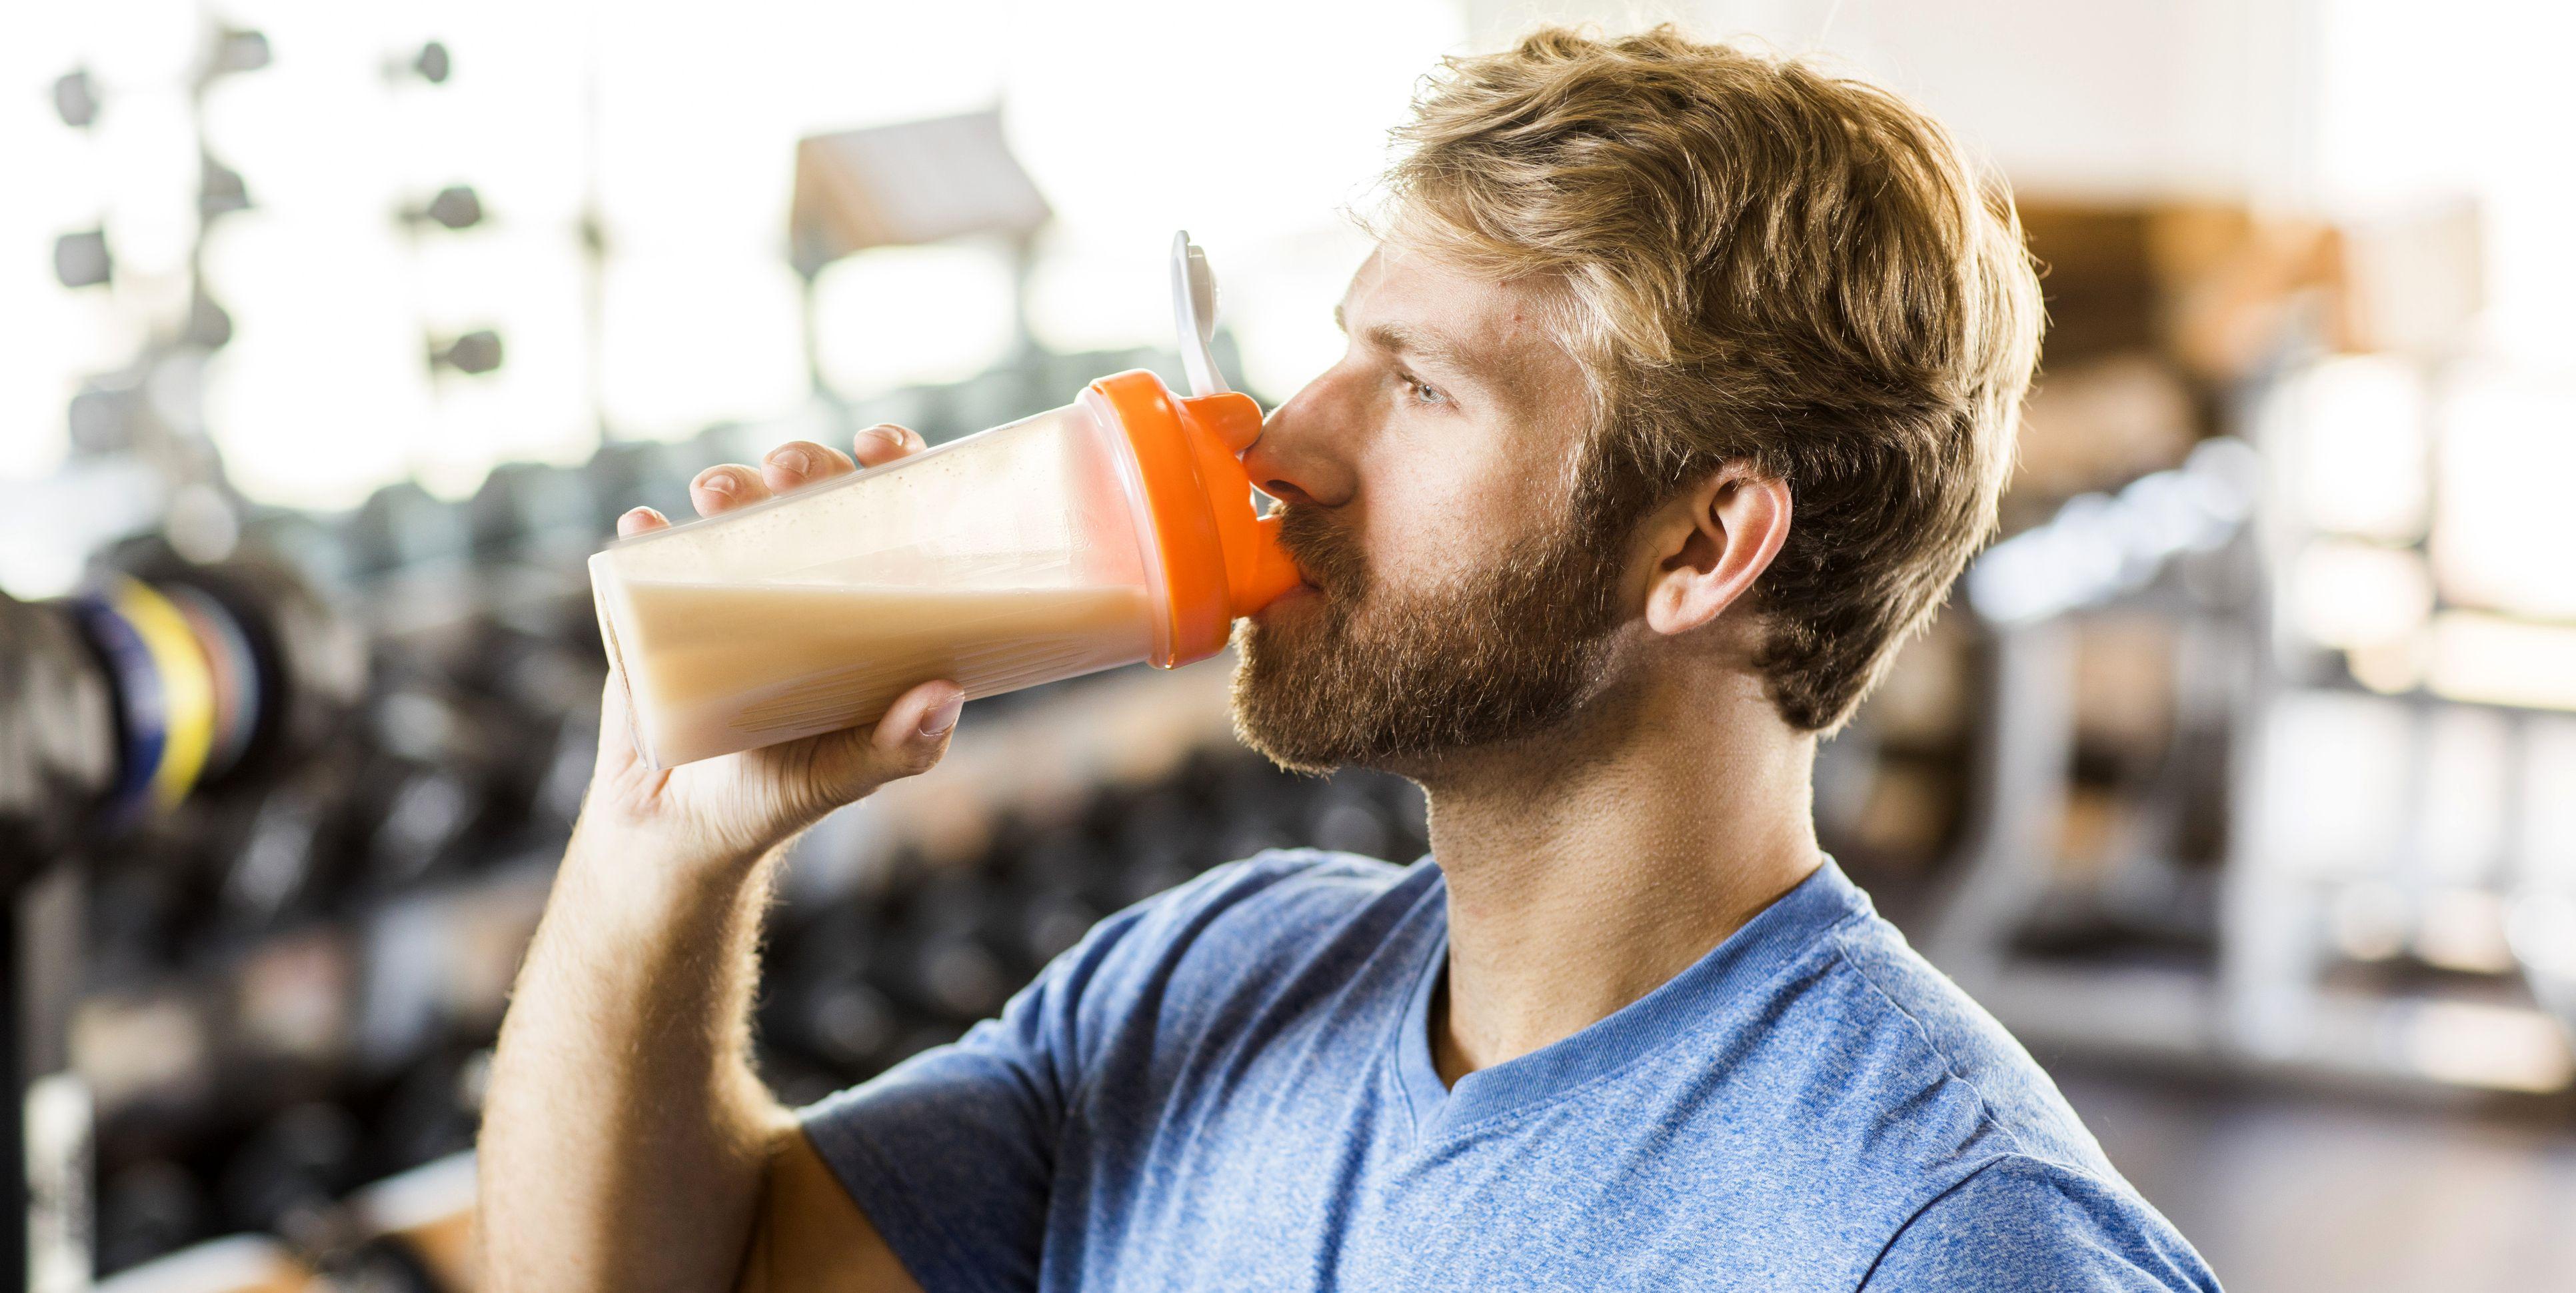 Man drinking protein drink.